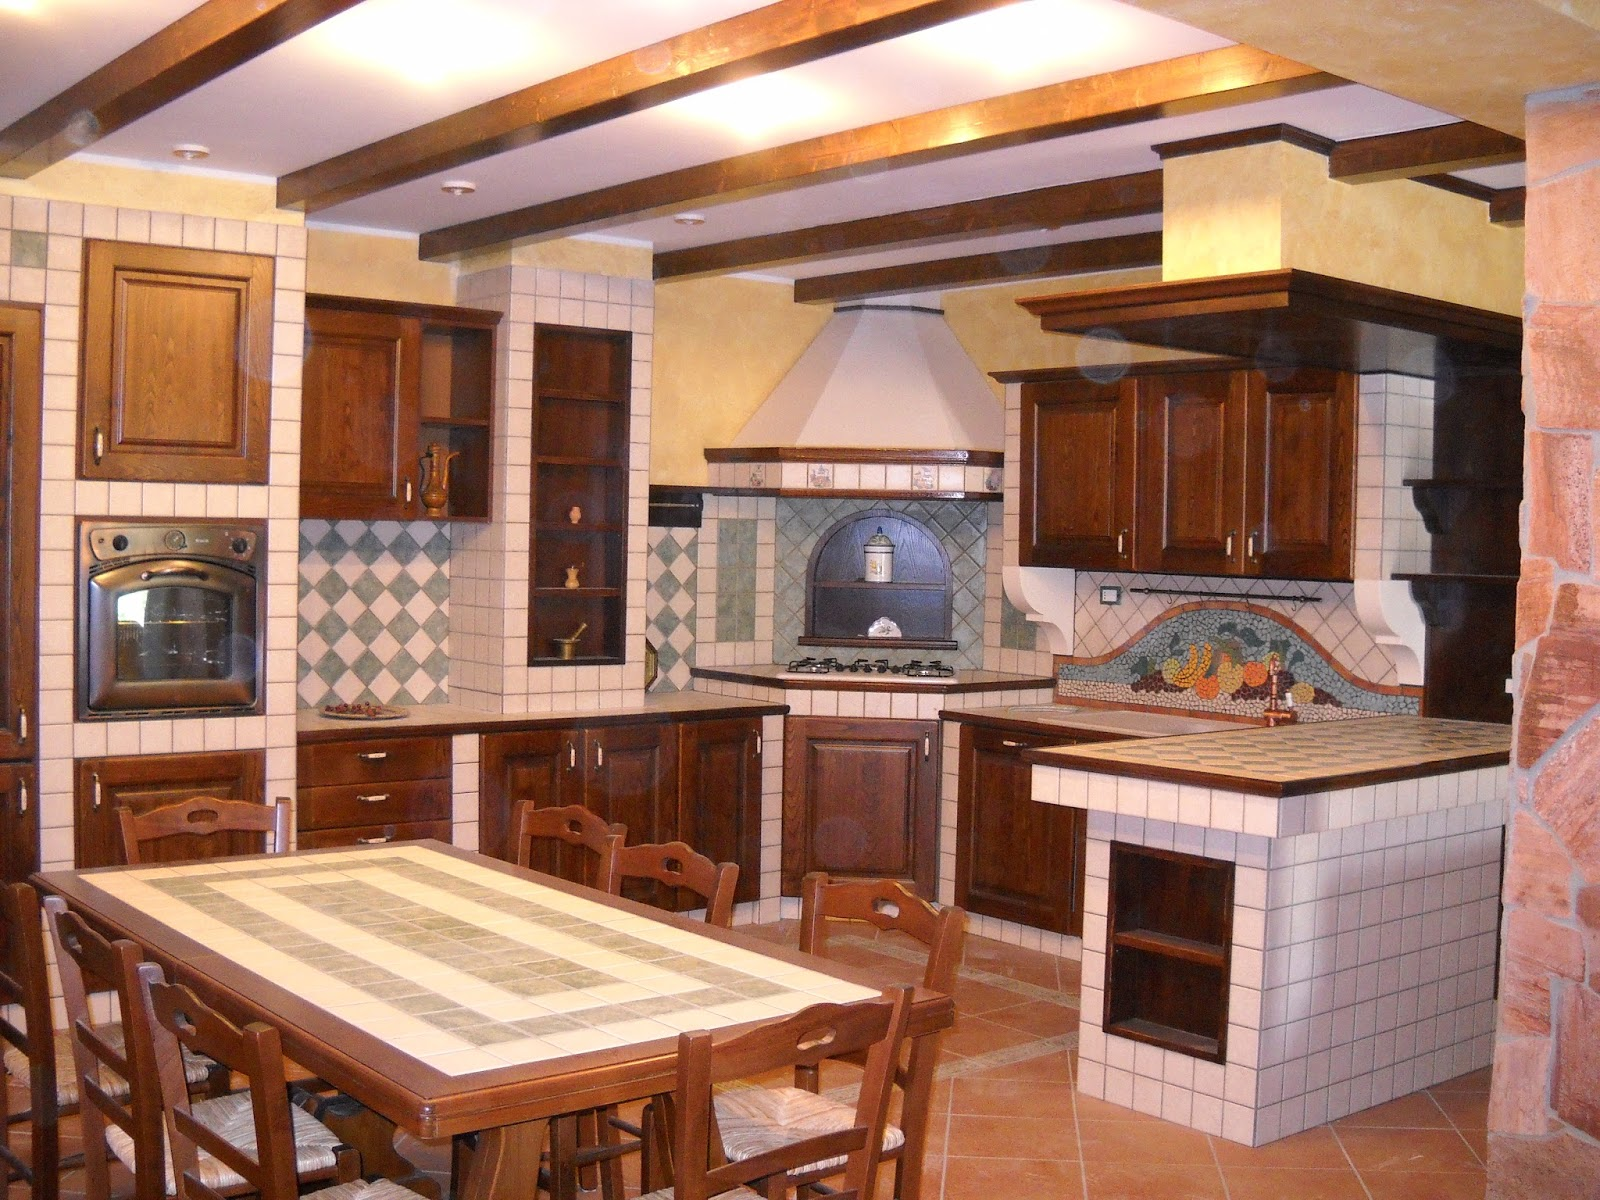 Arredamenti Gargante: Cucina In Finta Muratura Di Nostra Produzione. #A26229 1600 1200 Foto Di Cucine Ikea